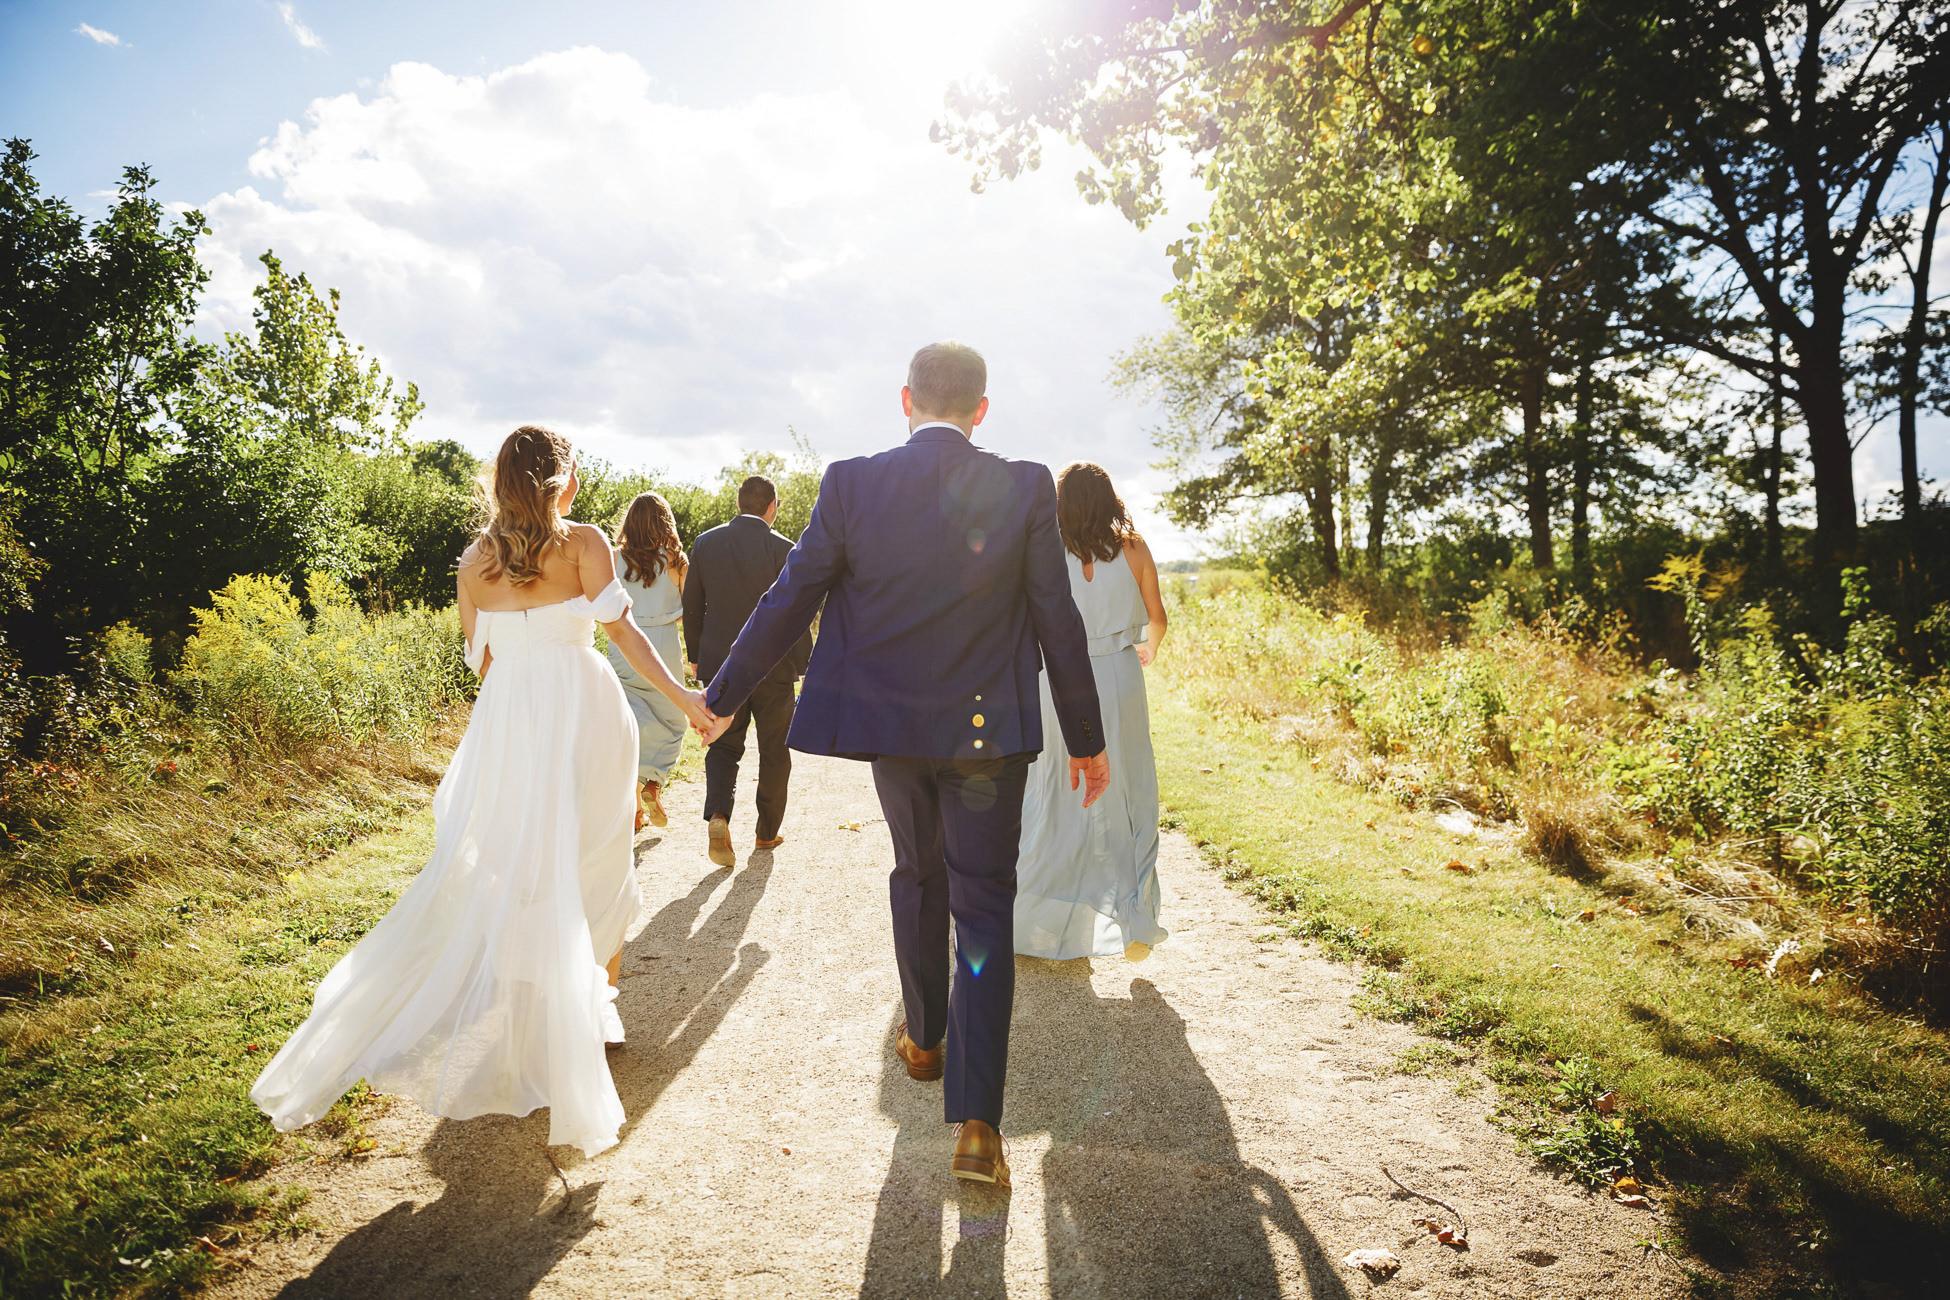 rachael_schirano_photography_wedding-25